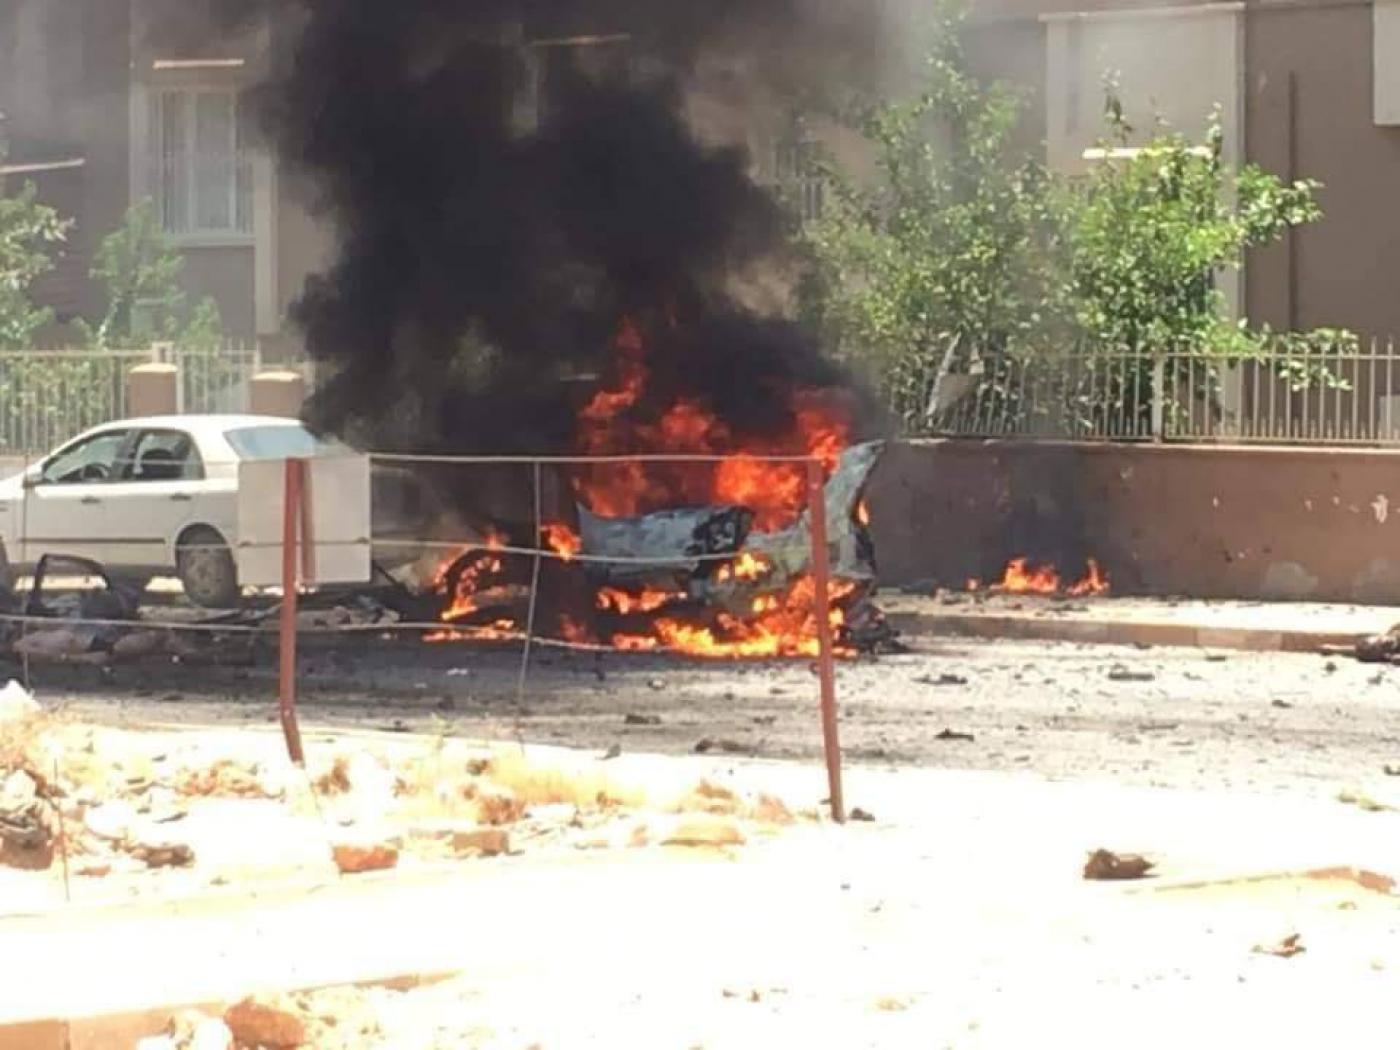 Esplosione della macchina oggi. (Fonte foto: Twitter)